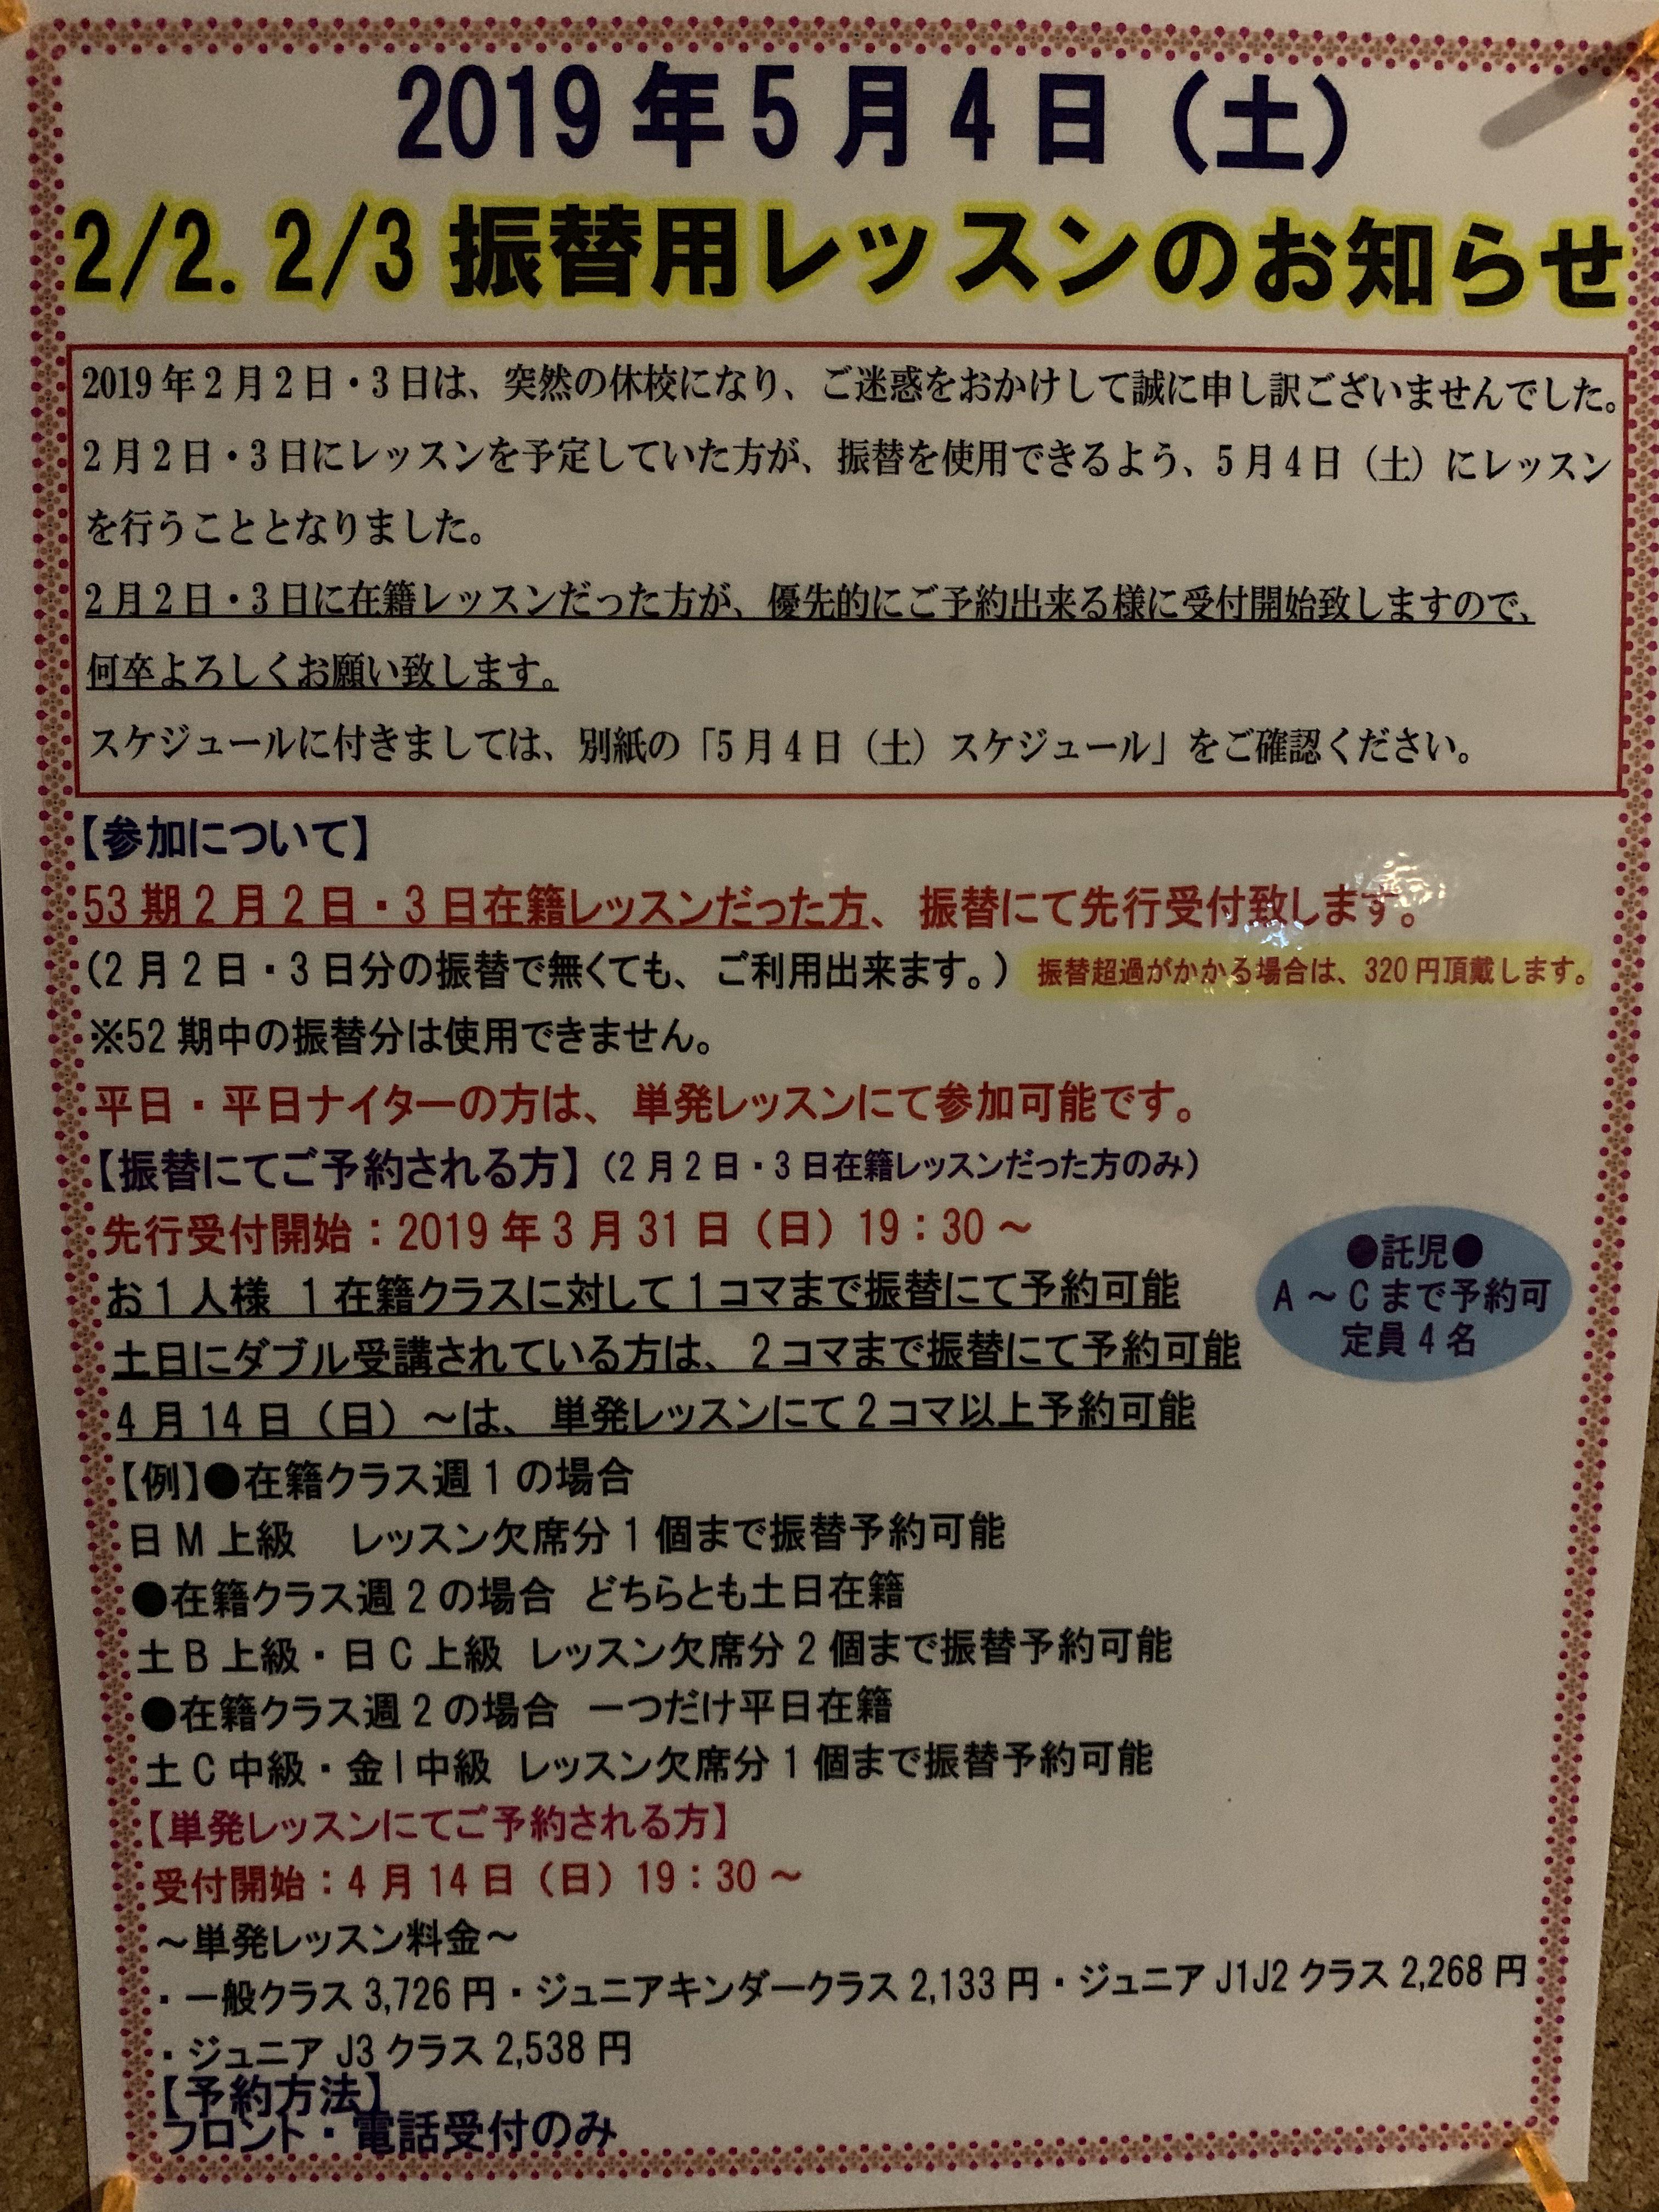 5/4 振替用レッスンのお知らせ ※空きまだあります!!